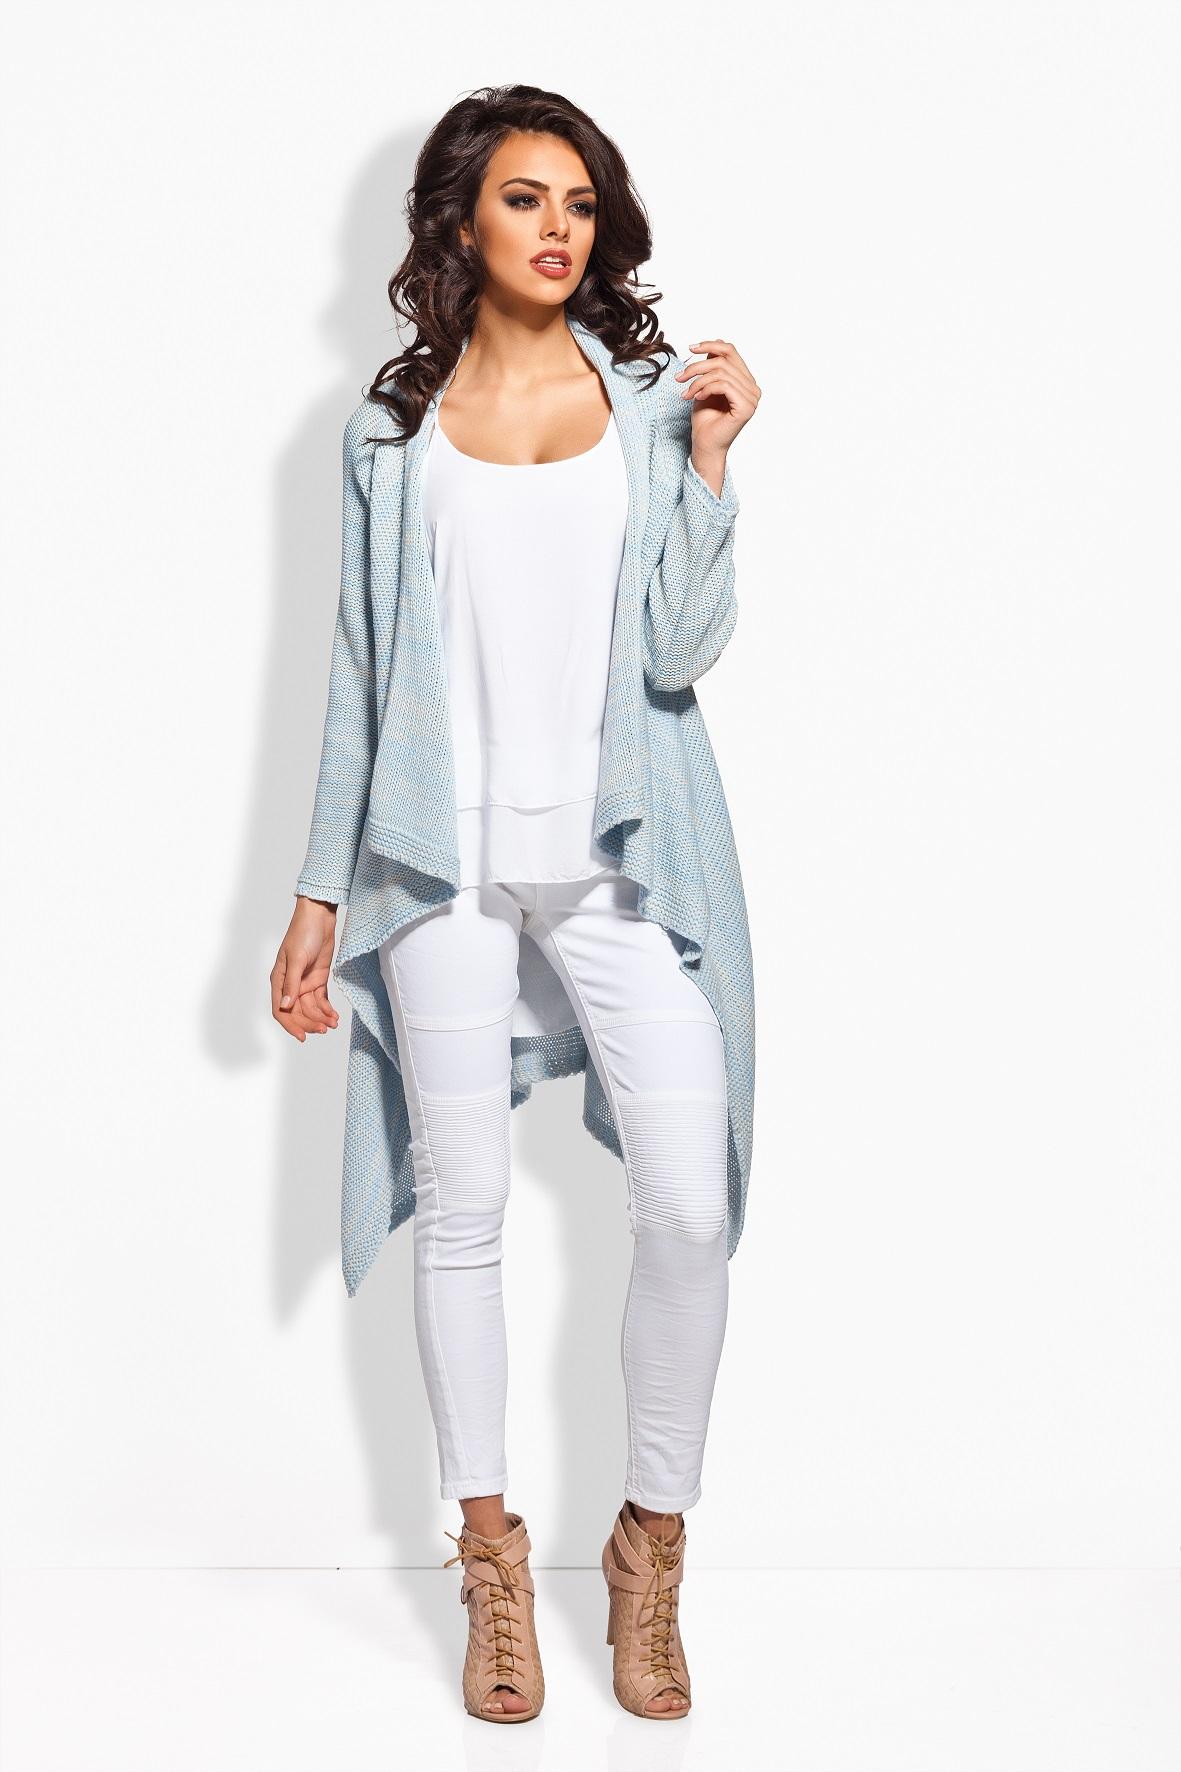 Белые джинсы и кардиган